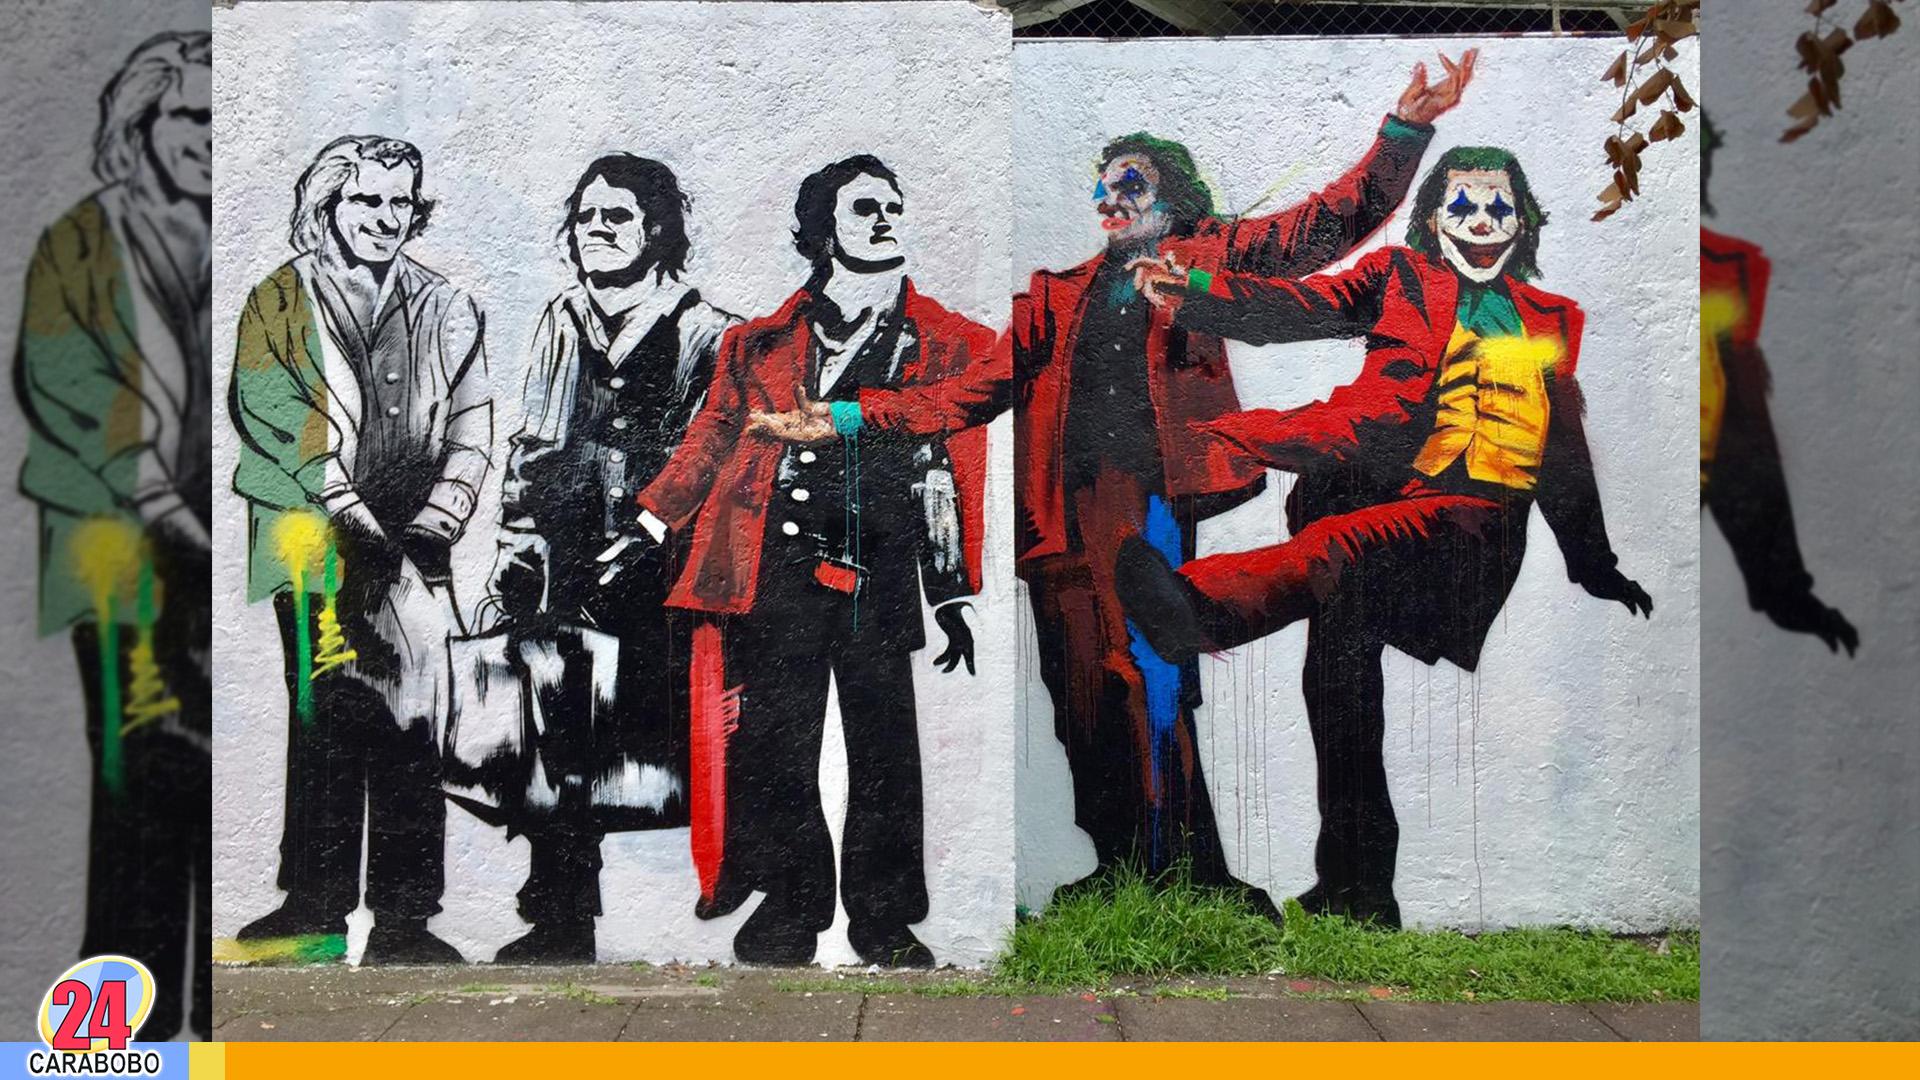 Murales de El Joker - Murales de El Joker